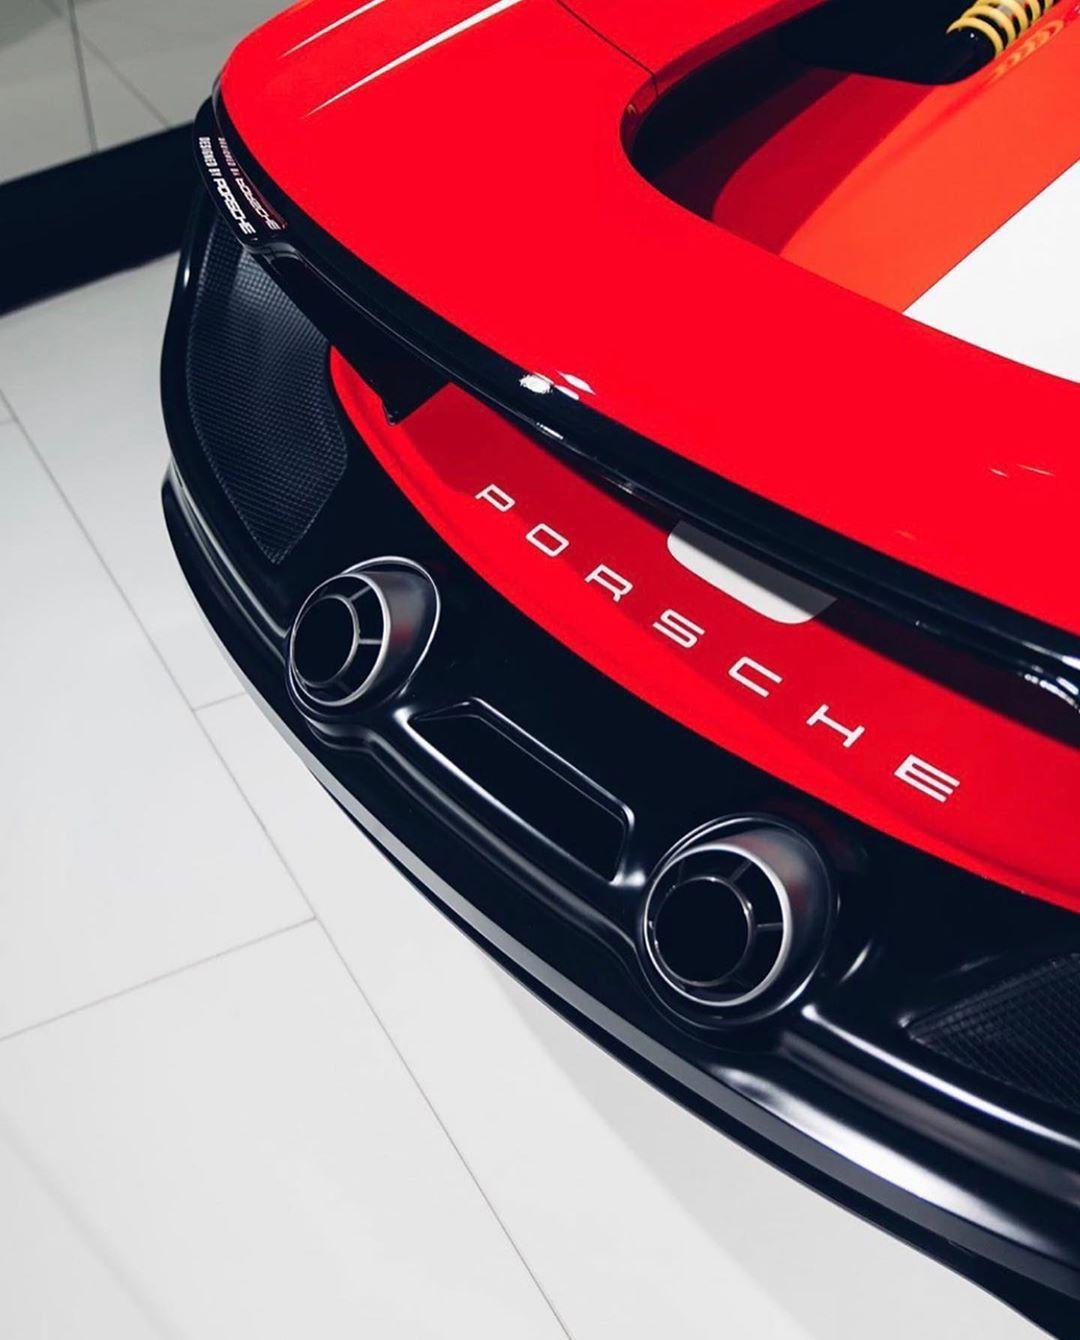 Pin by Vaniel on aHyper Car Luxury suv, Car detailing